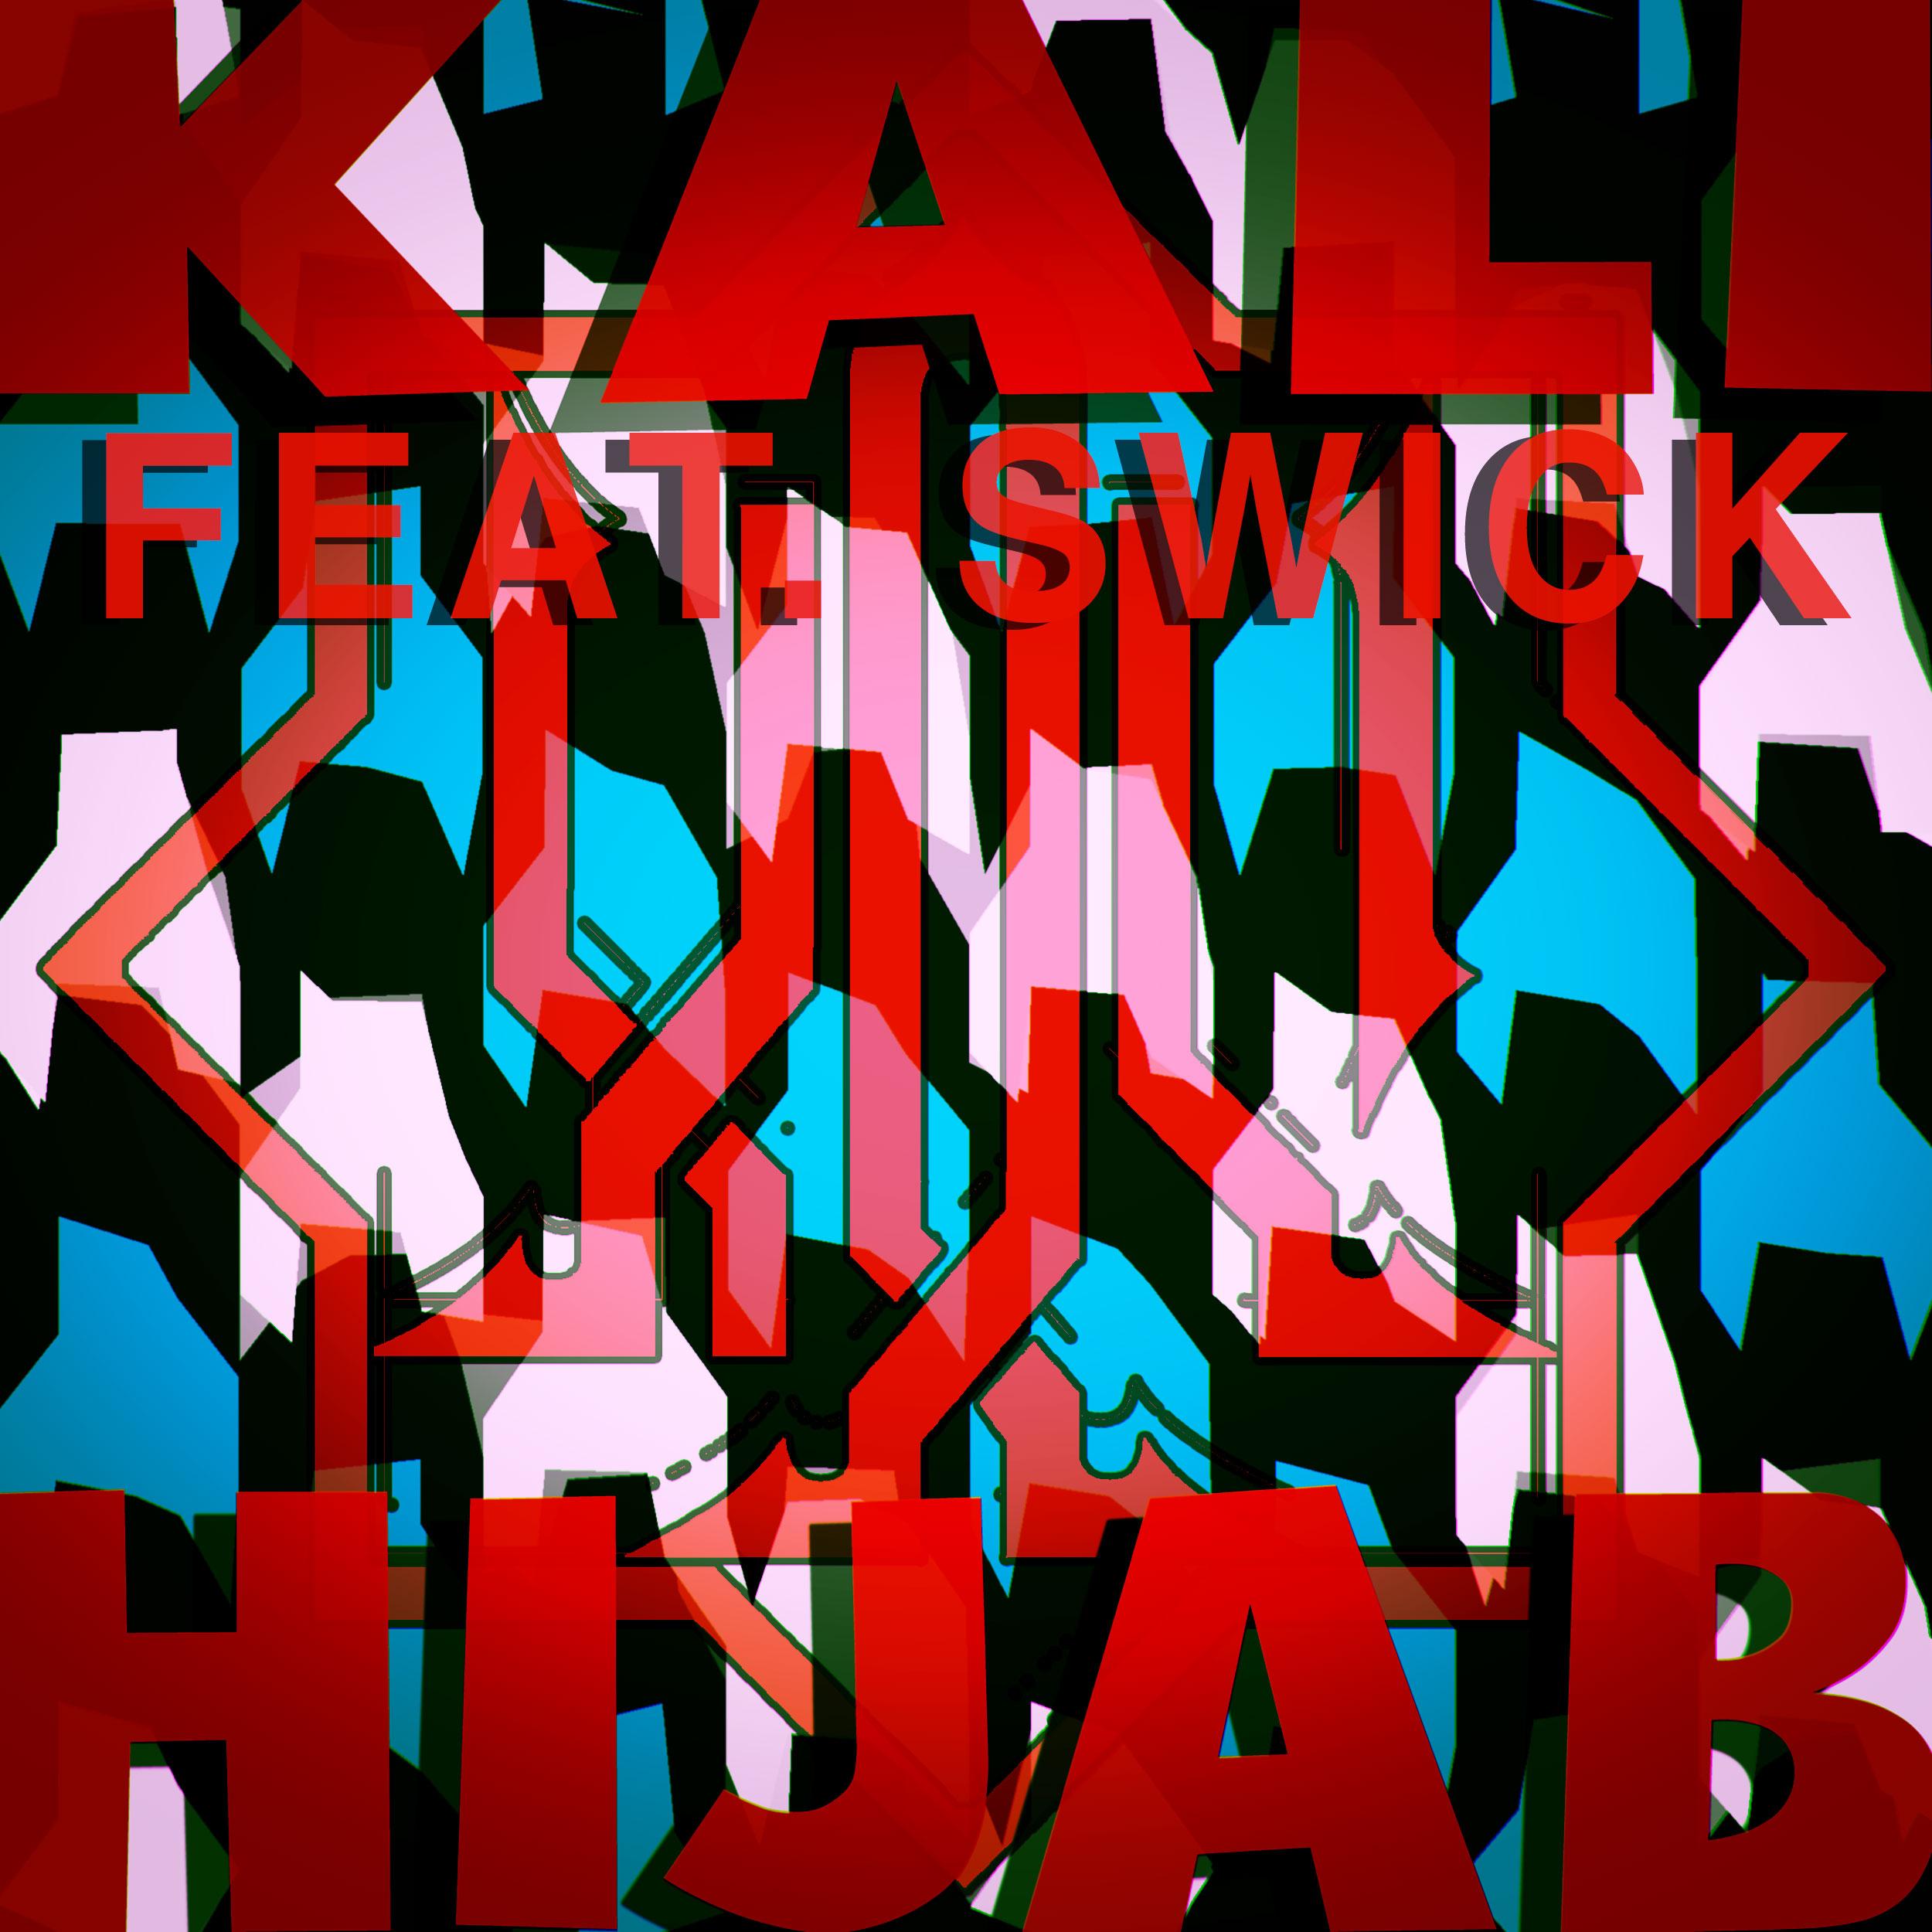 Kali feat. Swick - Hijab